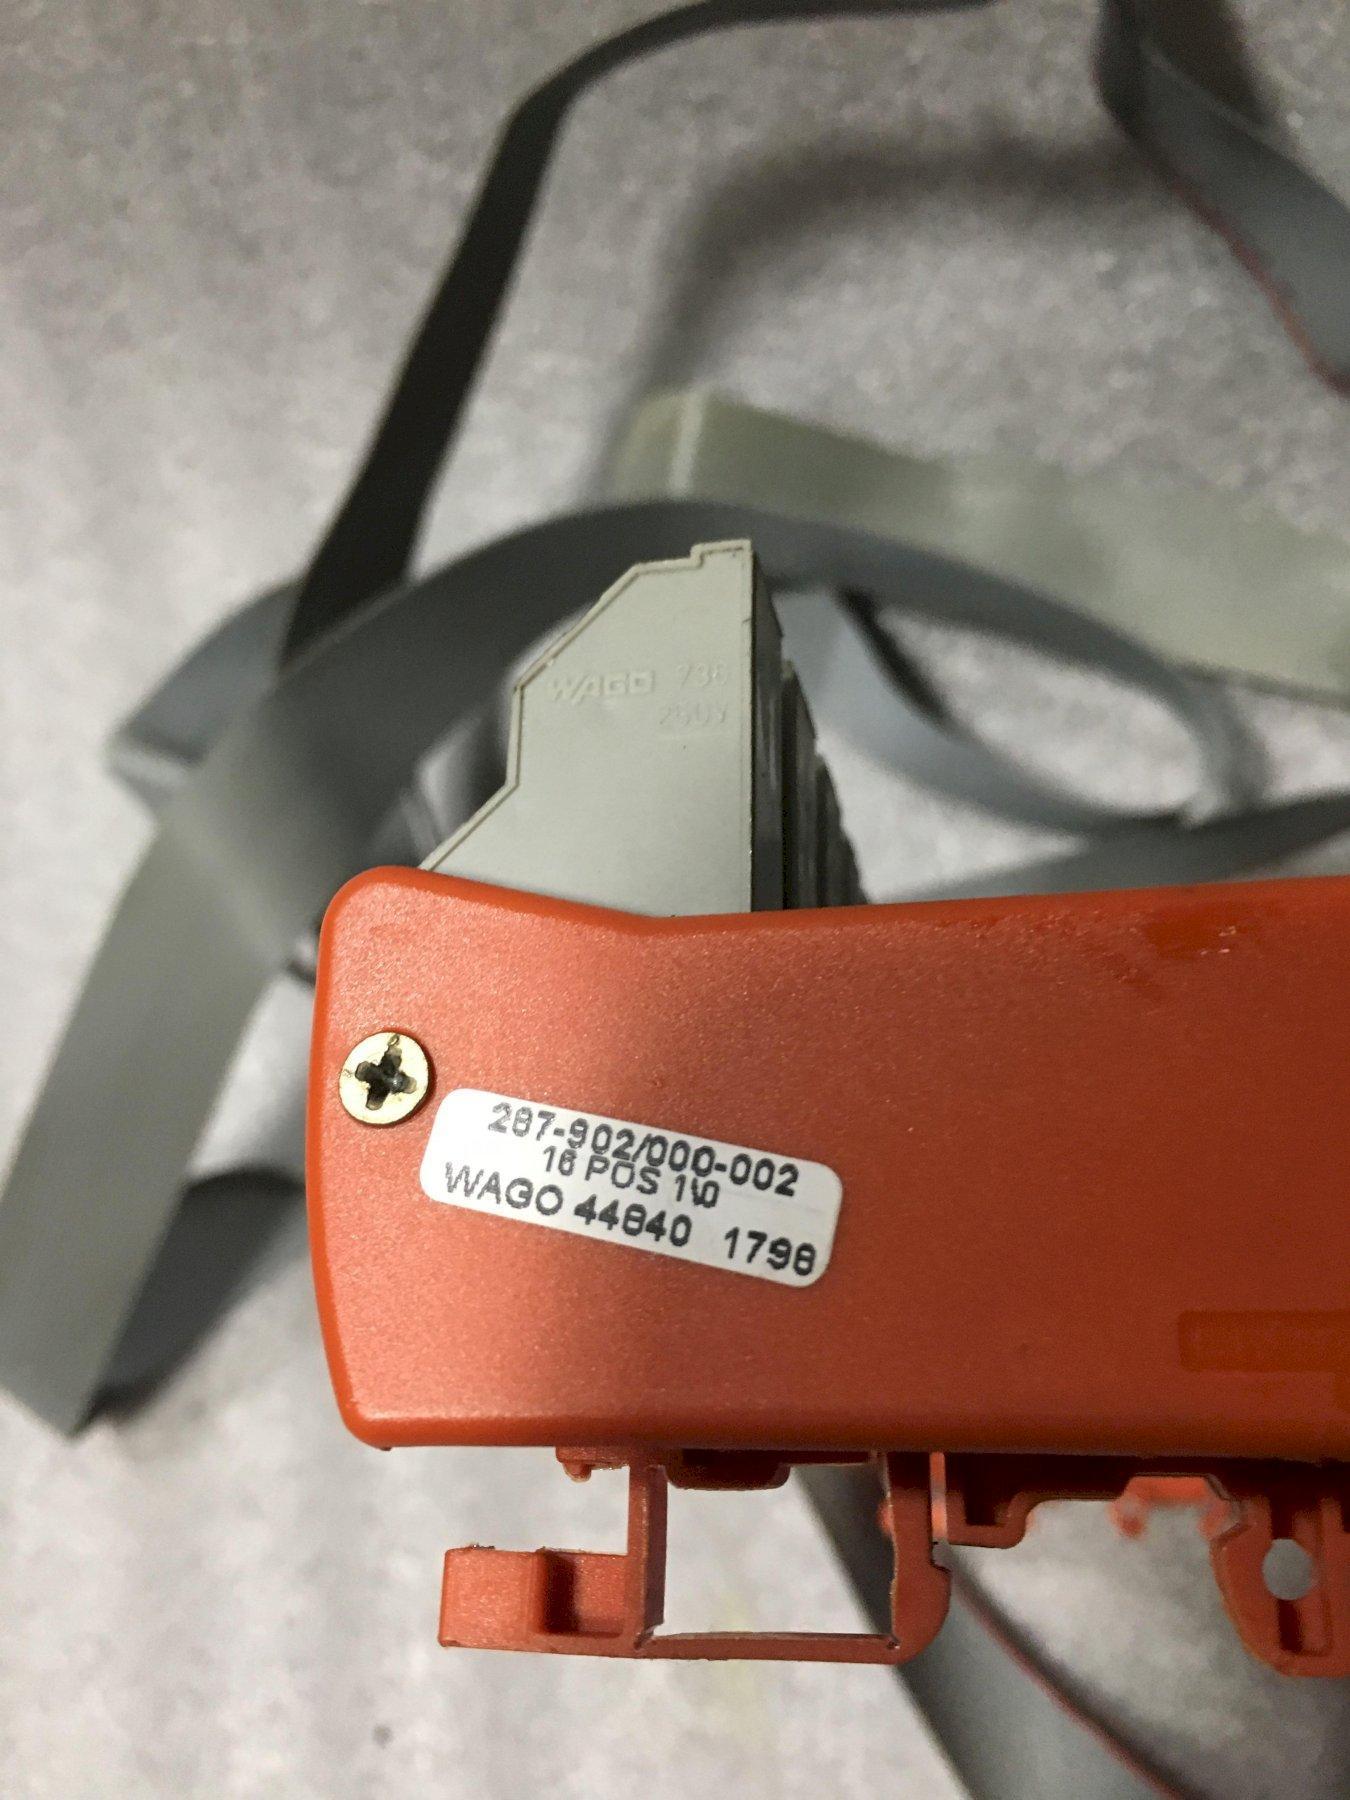 WAGO RELAY BOARD, 287-902/000-002, 16 POS I/O MOD.